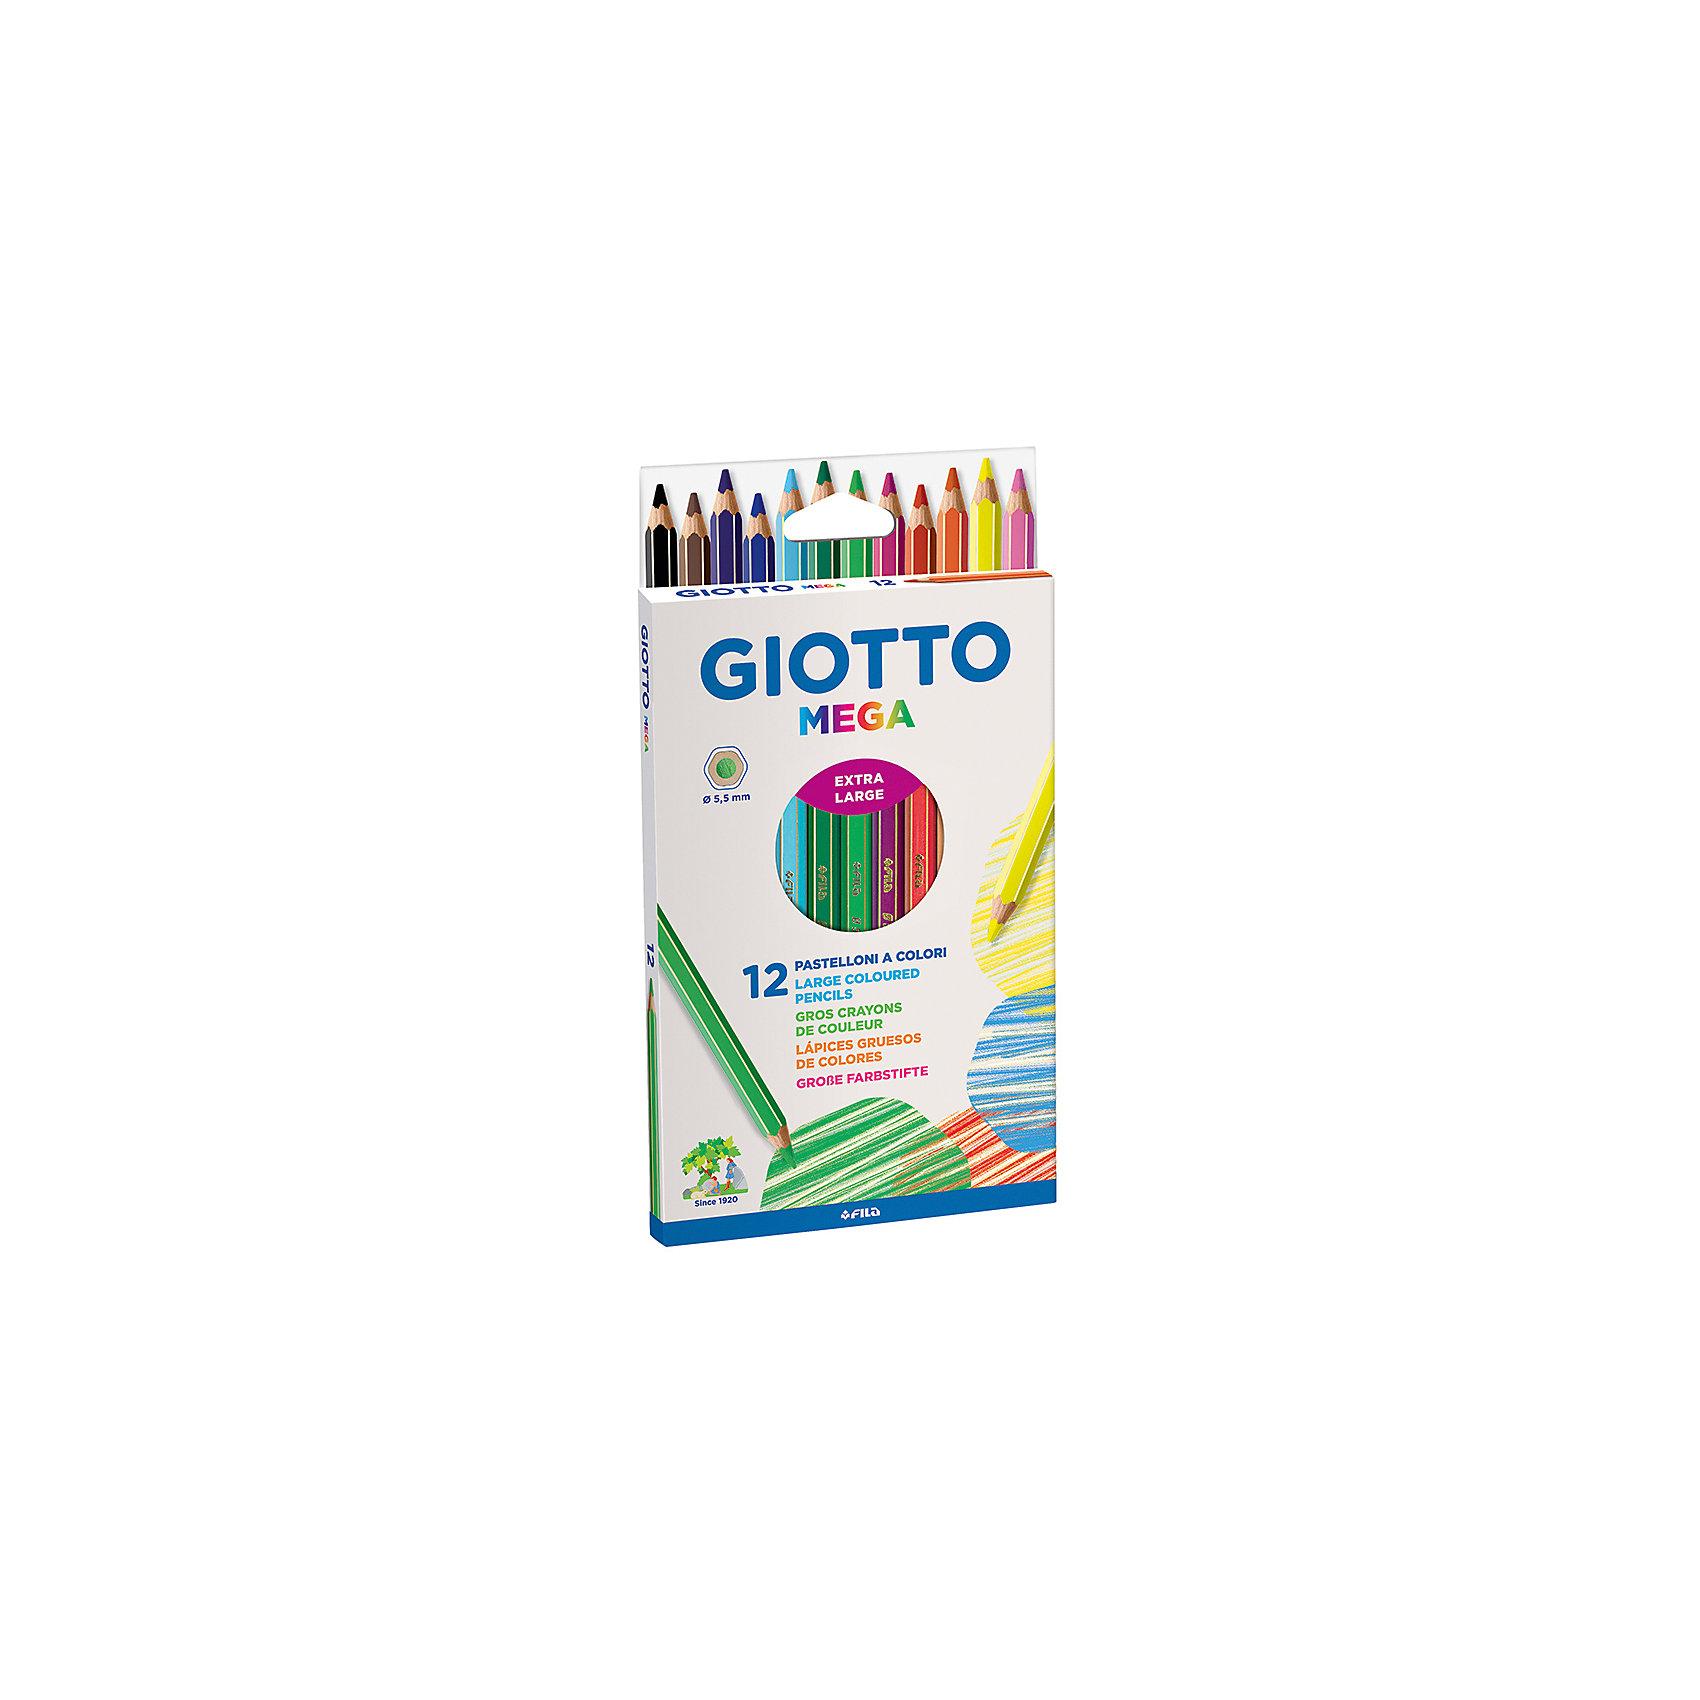 Утолщенные цветные деревянные карандаши, 12 шт.Утолщенные цветные деревянные карандаши, 12 шт. Гексагональной формы. Изготовлены из сертифицированной древесины. Легко и экономично затачиваются, не крошатся. Толщина грифеля - 5,5 мм. Яркие насыщенные цвета, максимально мягкое рисование. На корпусе карандаша имеется место для персонализации.  Идеальны для детских садов и школьников младших классов.<br><br>Ширина мм: 130<br>Глубина мм: 30<br>Высота мм: 200<br>Вес г: 150<br>Возраст от месяцев: 72<br>Возраст до месяцев: 120<br>Пол: Унисекс<br>Возраст: Детский<br>SKU: 5107795